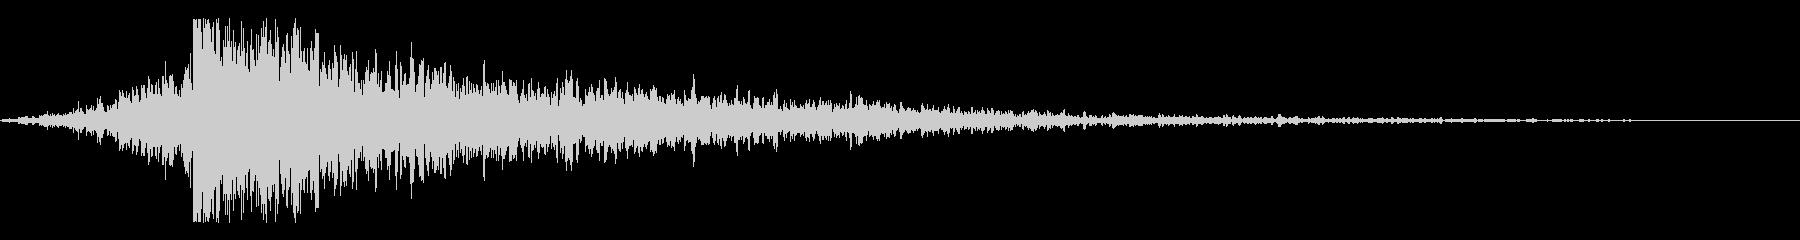 ホラー系アタック音79の未再生の波形